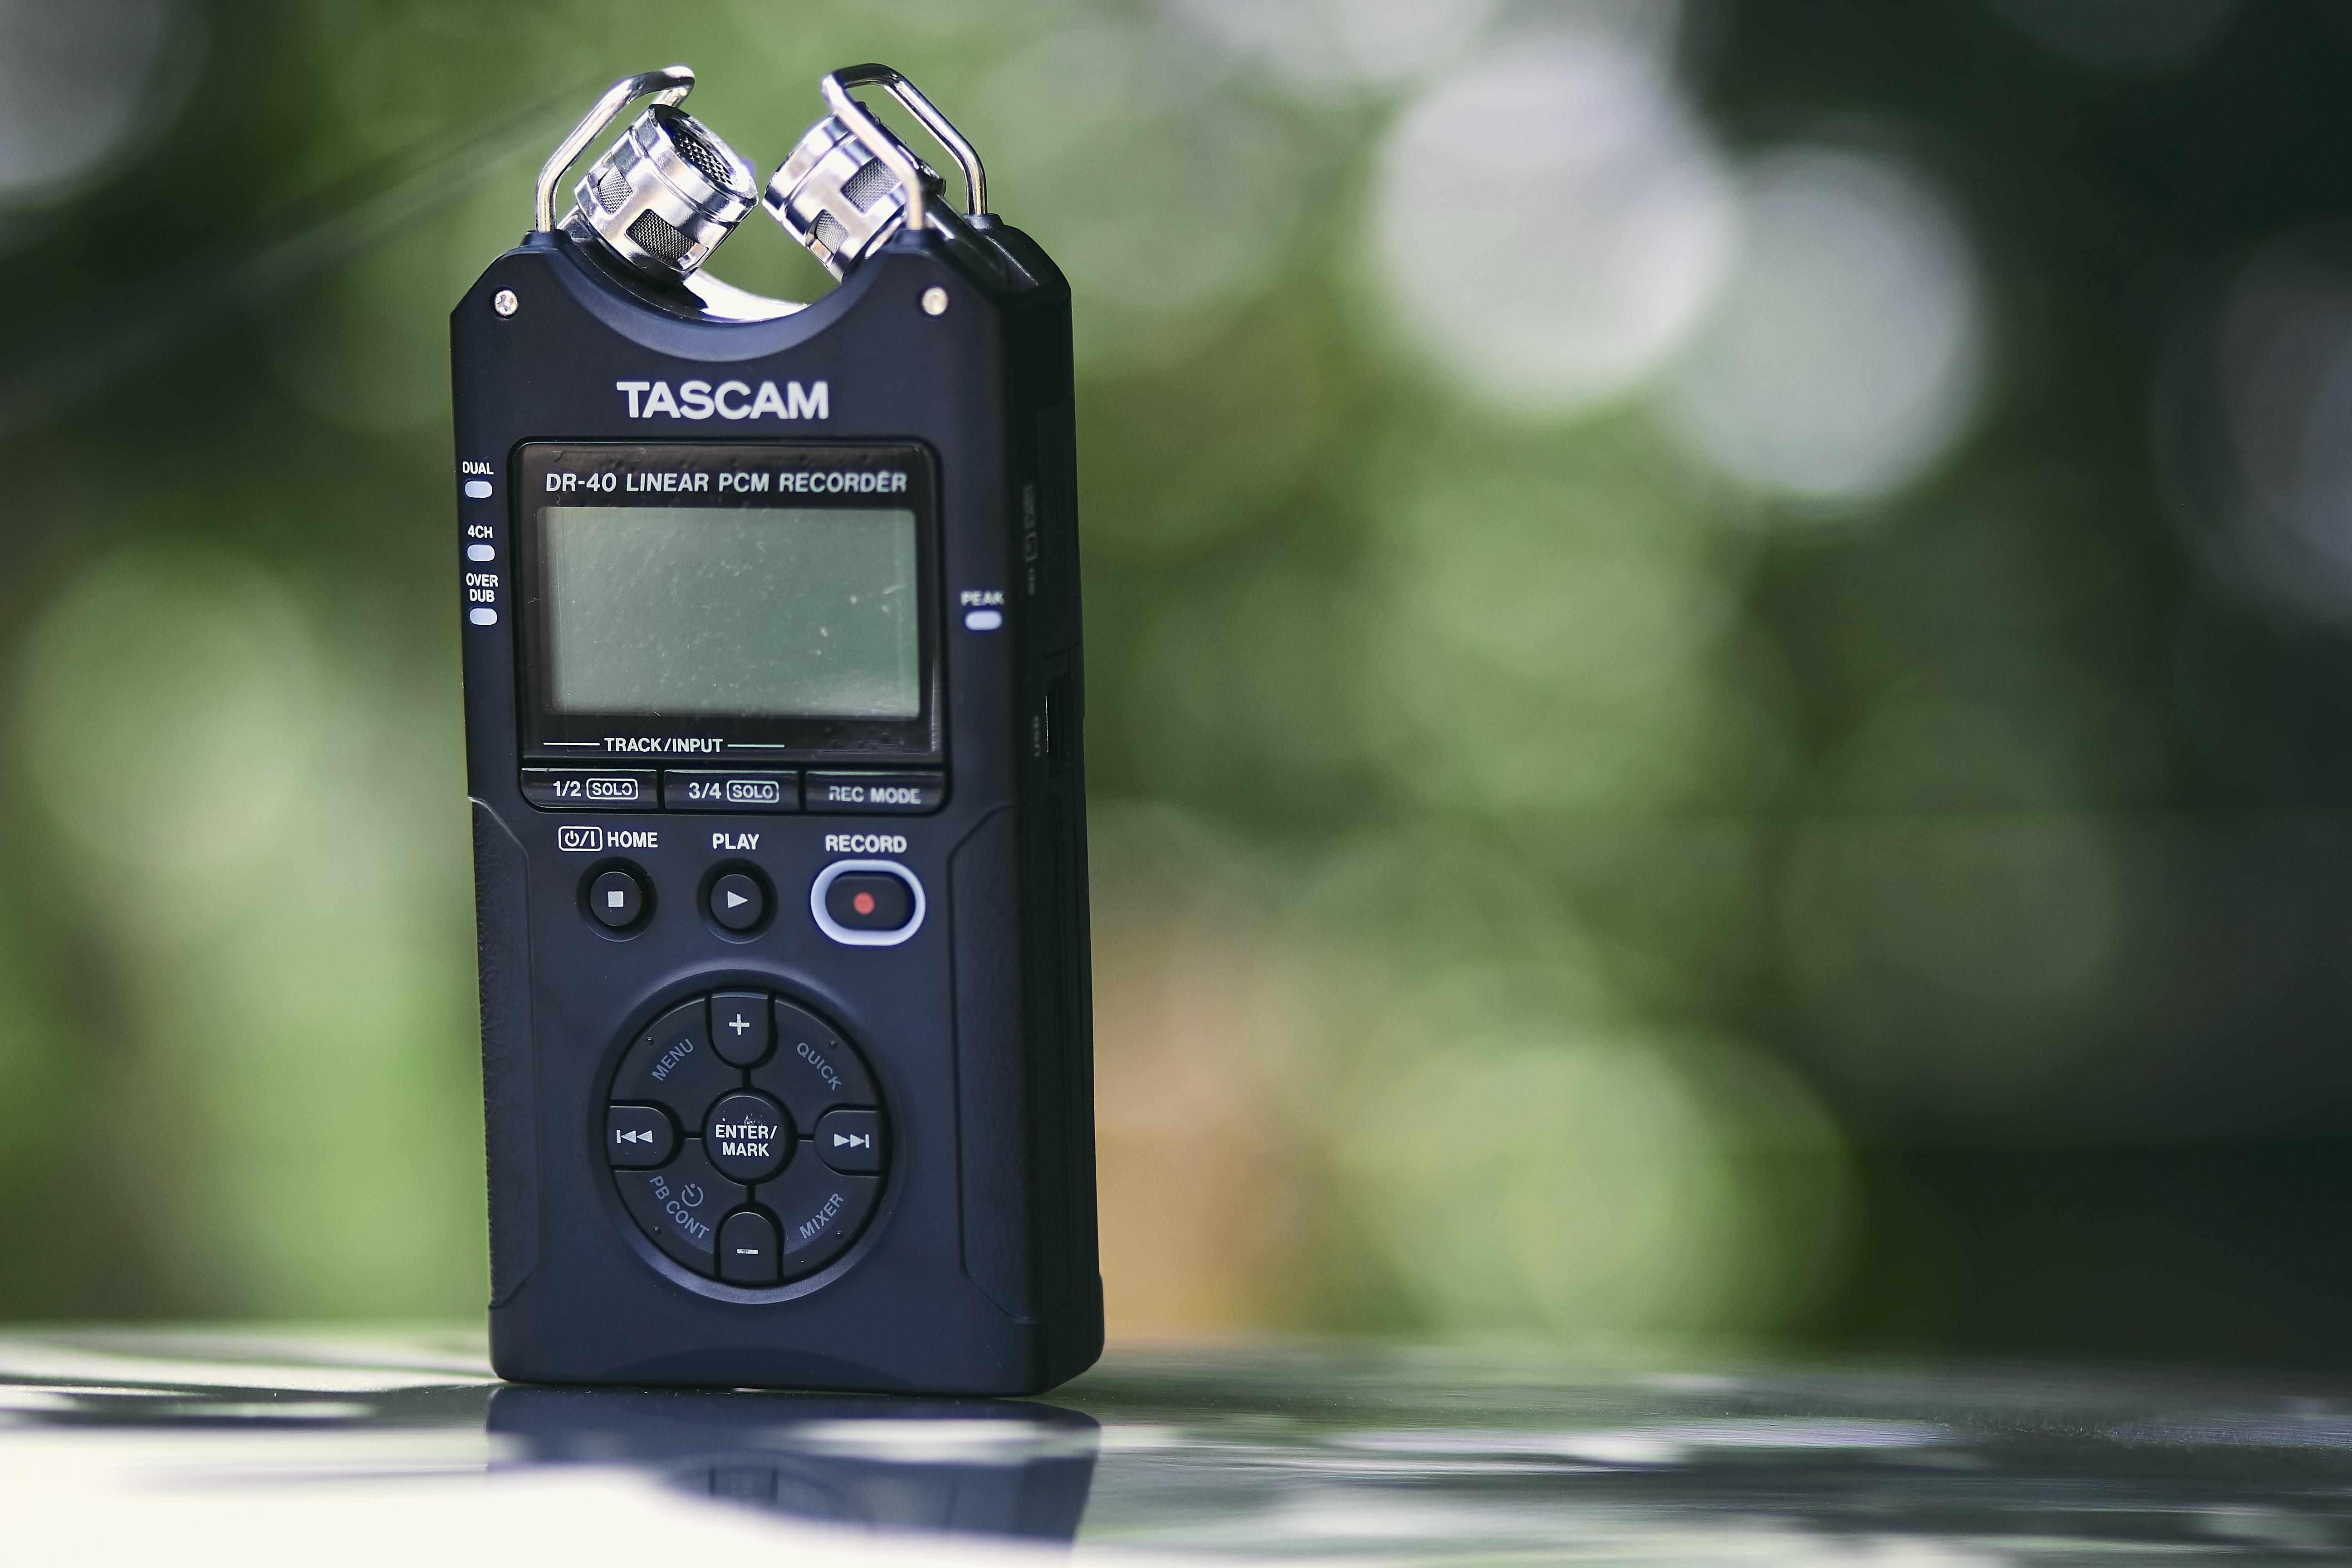 black Tasczam device